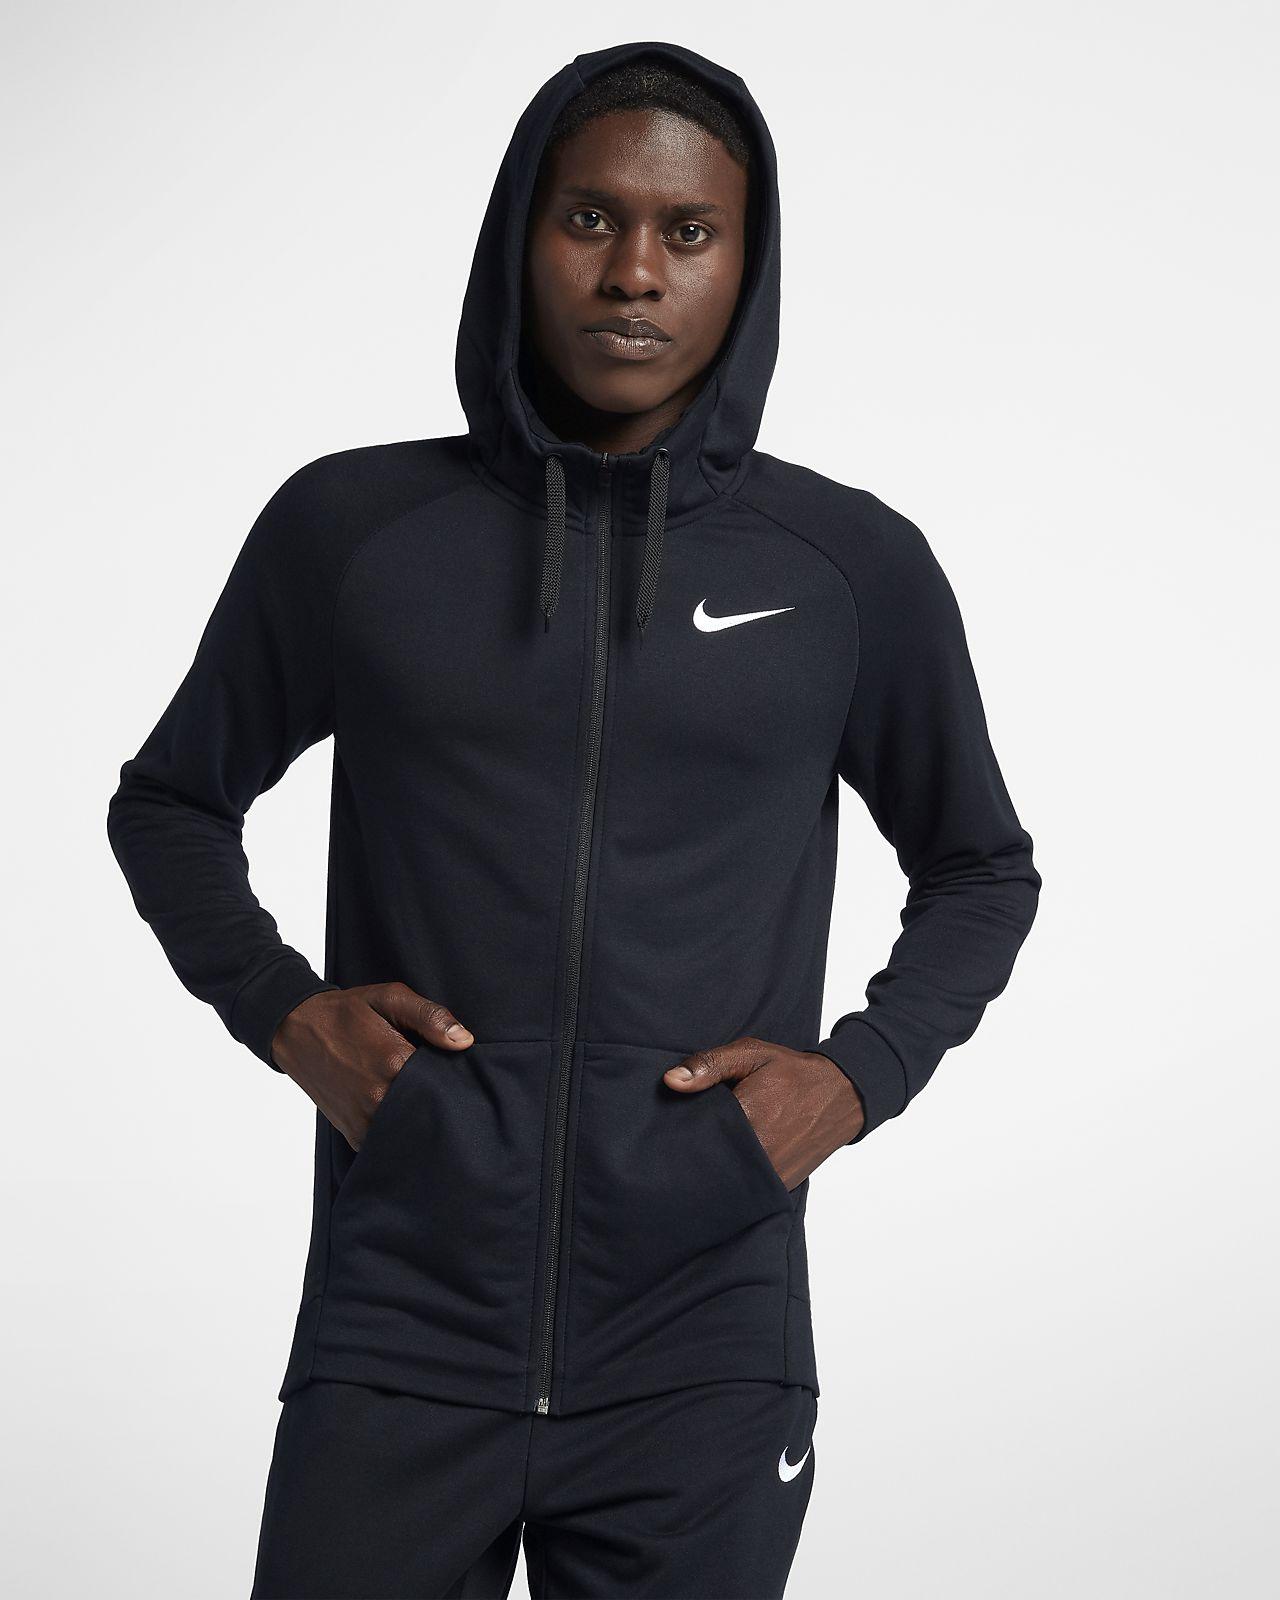 Hoodie de treino com fecho completo Nike Dri FIT para homem